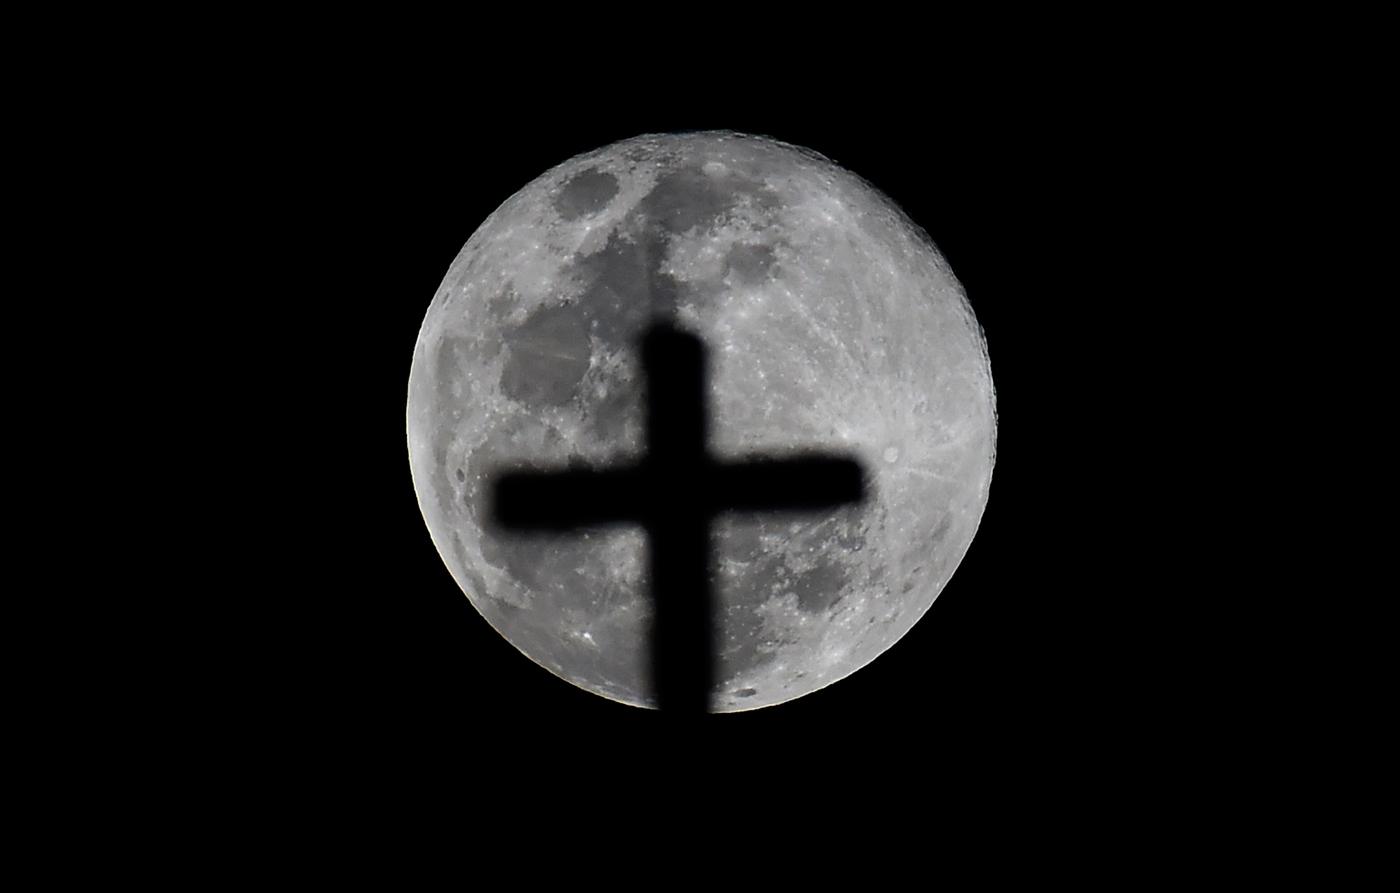 Calendario Lunare Aprile 2020.Equinozio Di Primavera E Superluna La Luna Piena Del 21